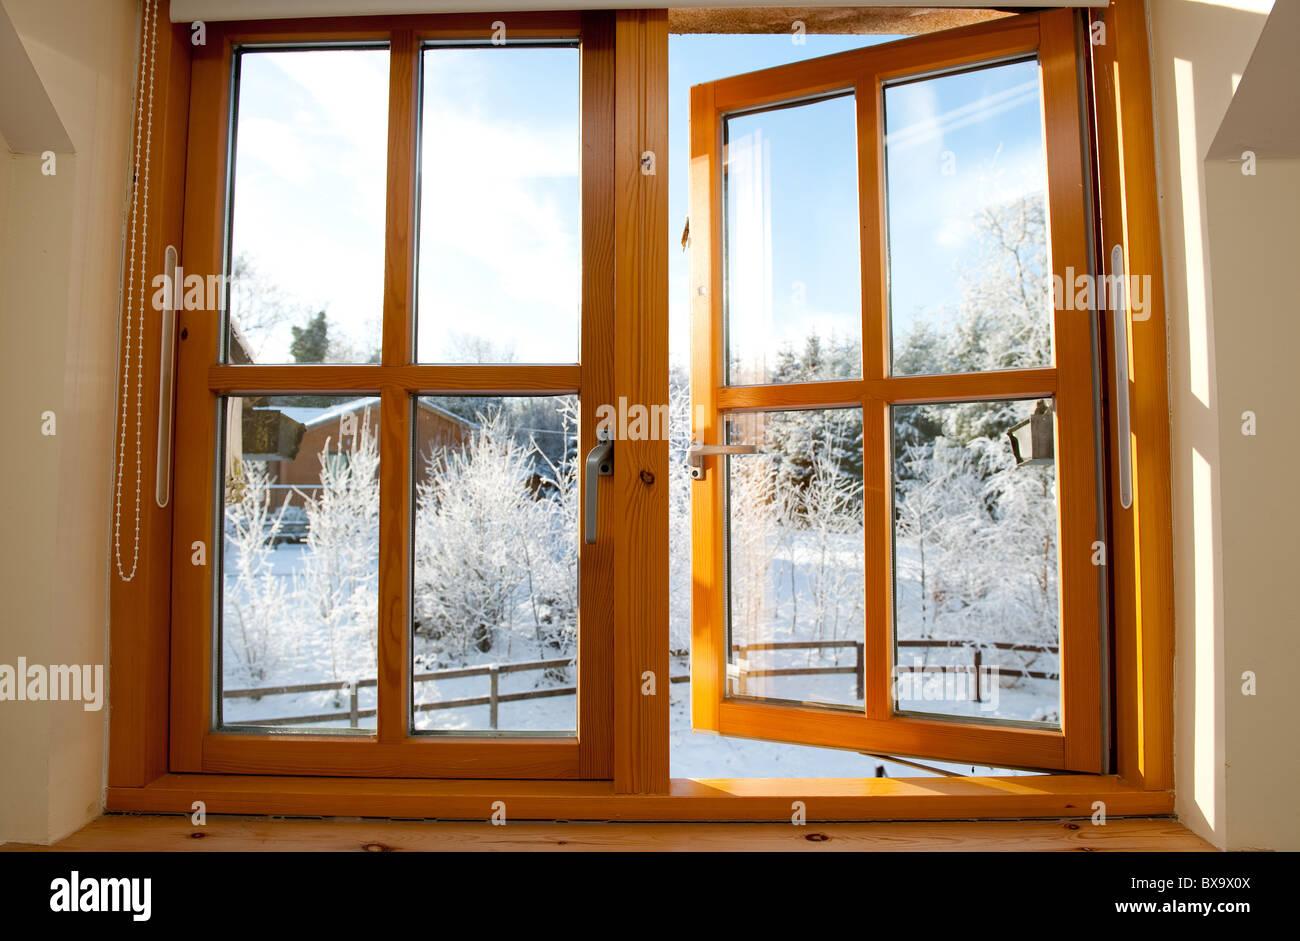 Früh am Morgen frostigen Winter Blick durch ein Fenster. Stockbild